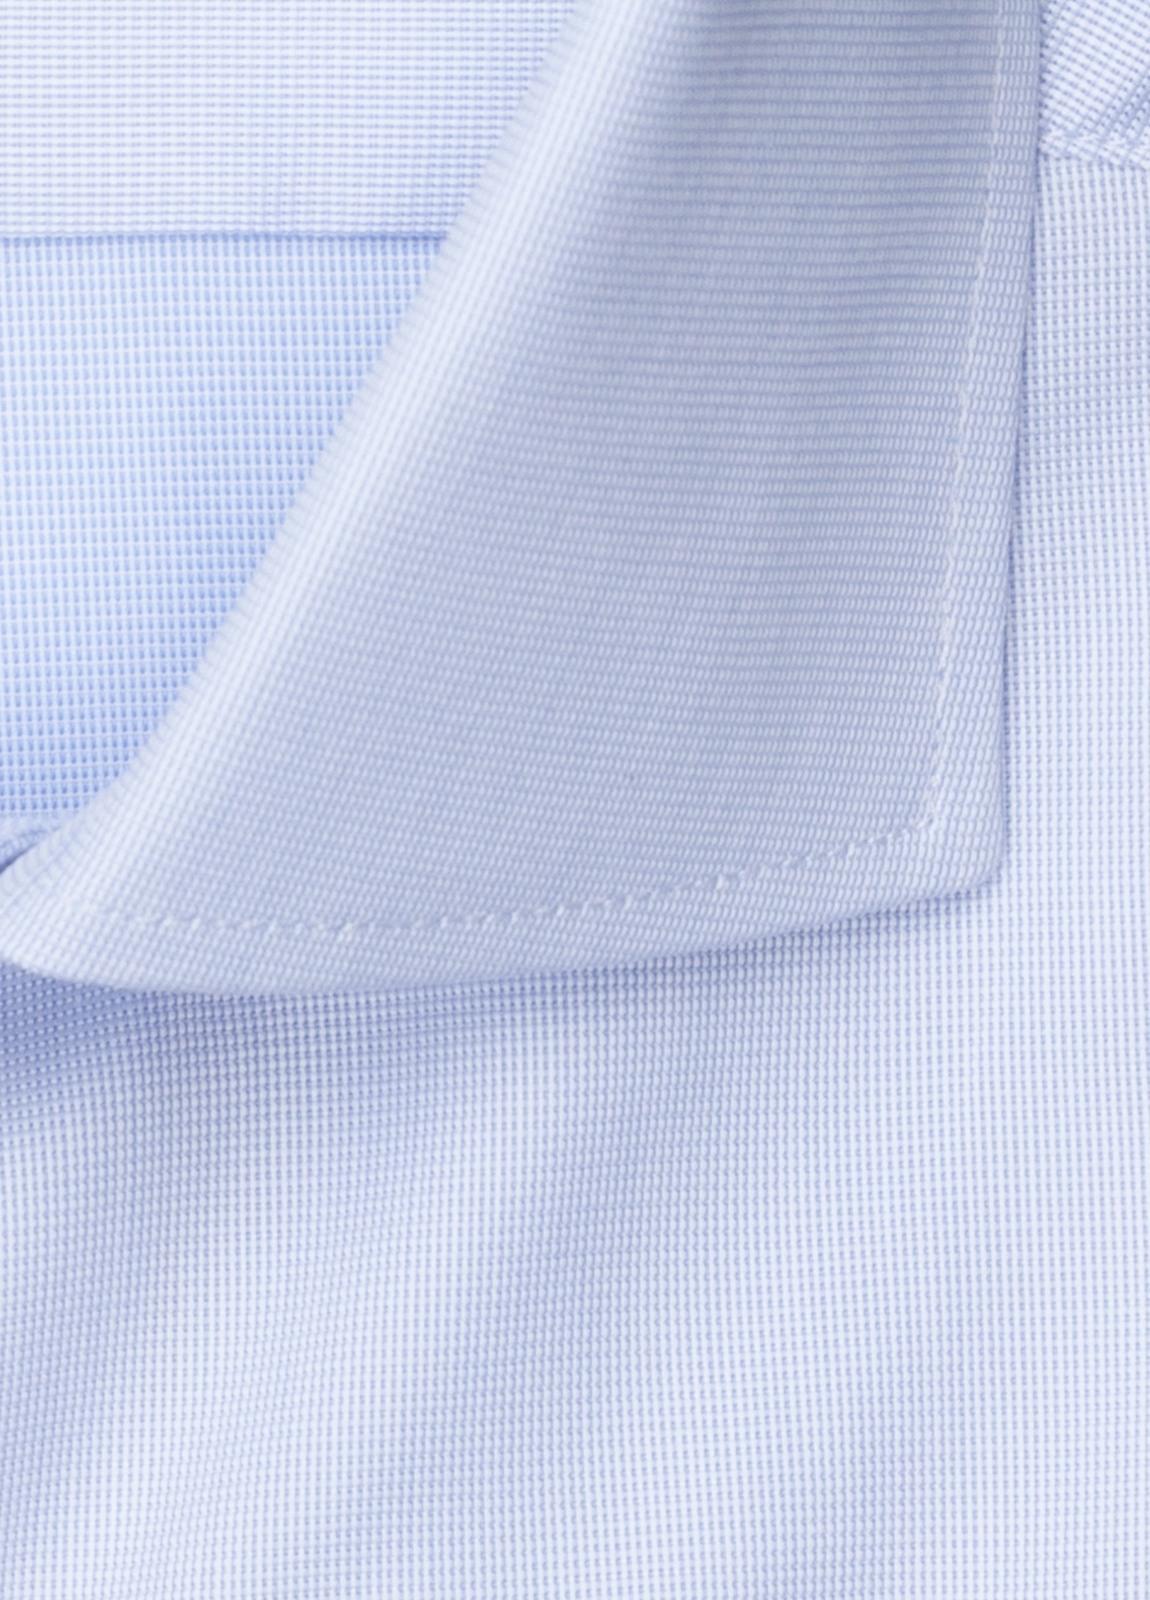 Camisa vestir FUREST COLECCIÓN Regular Fit Puño Doble celeste - Ítem2